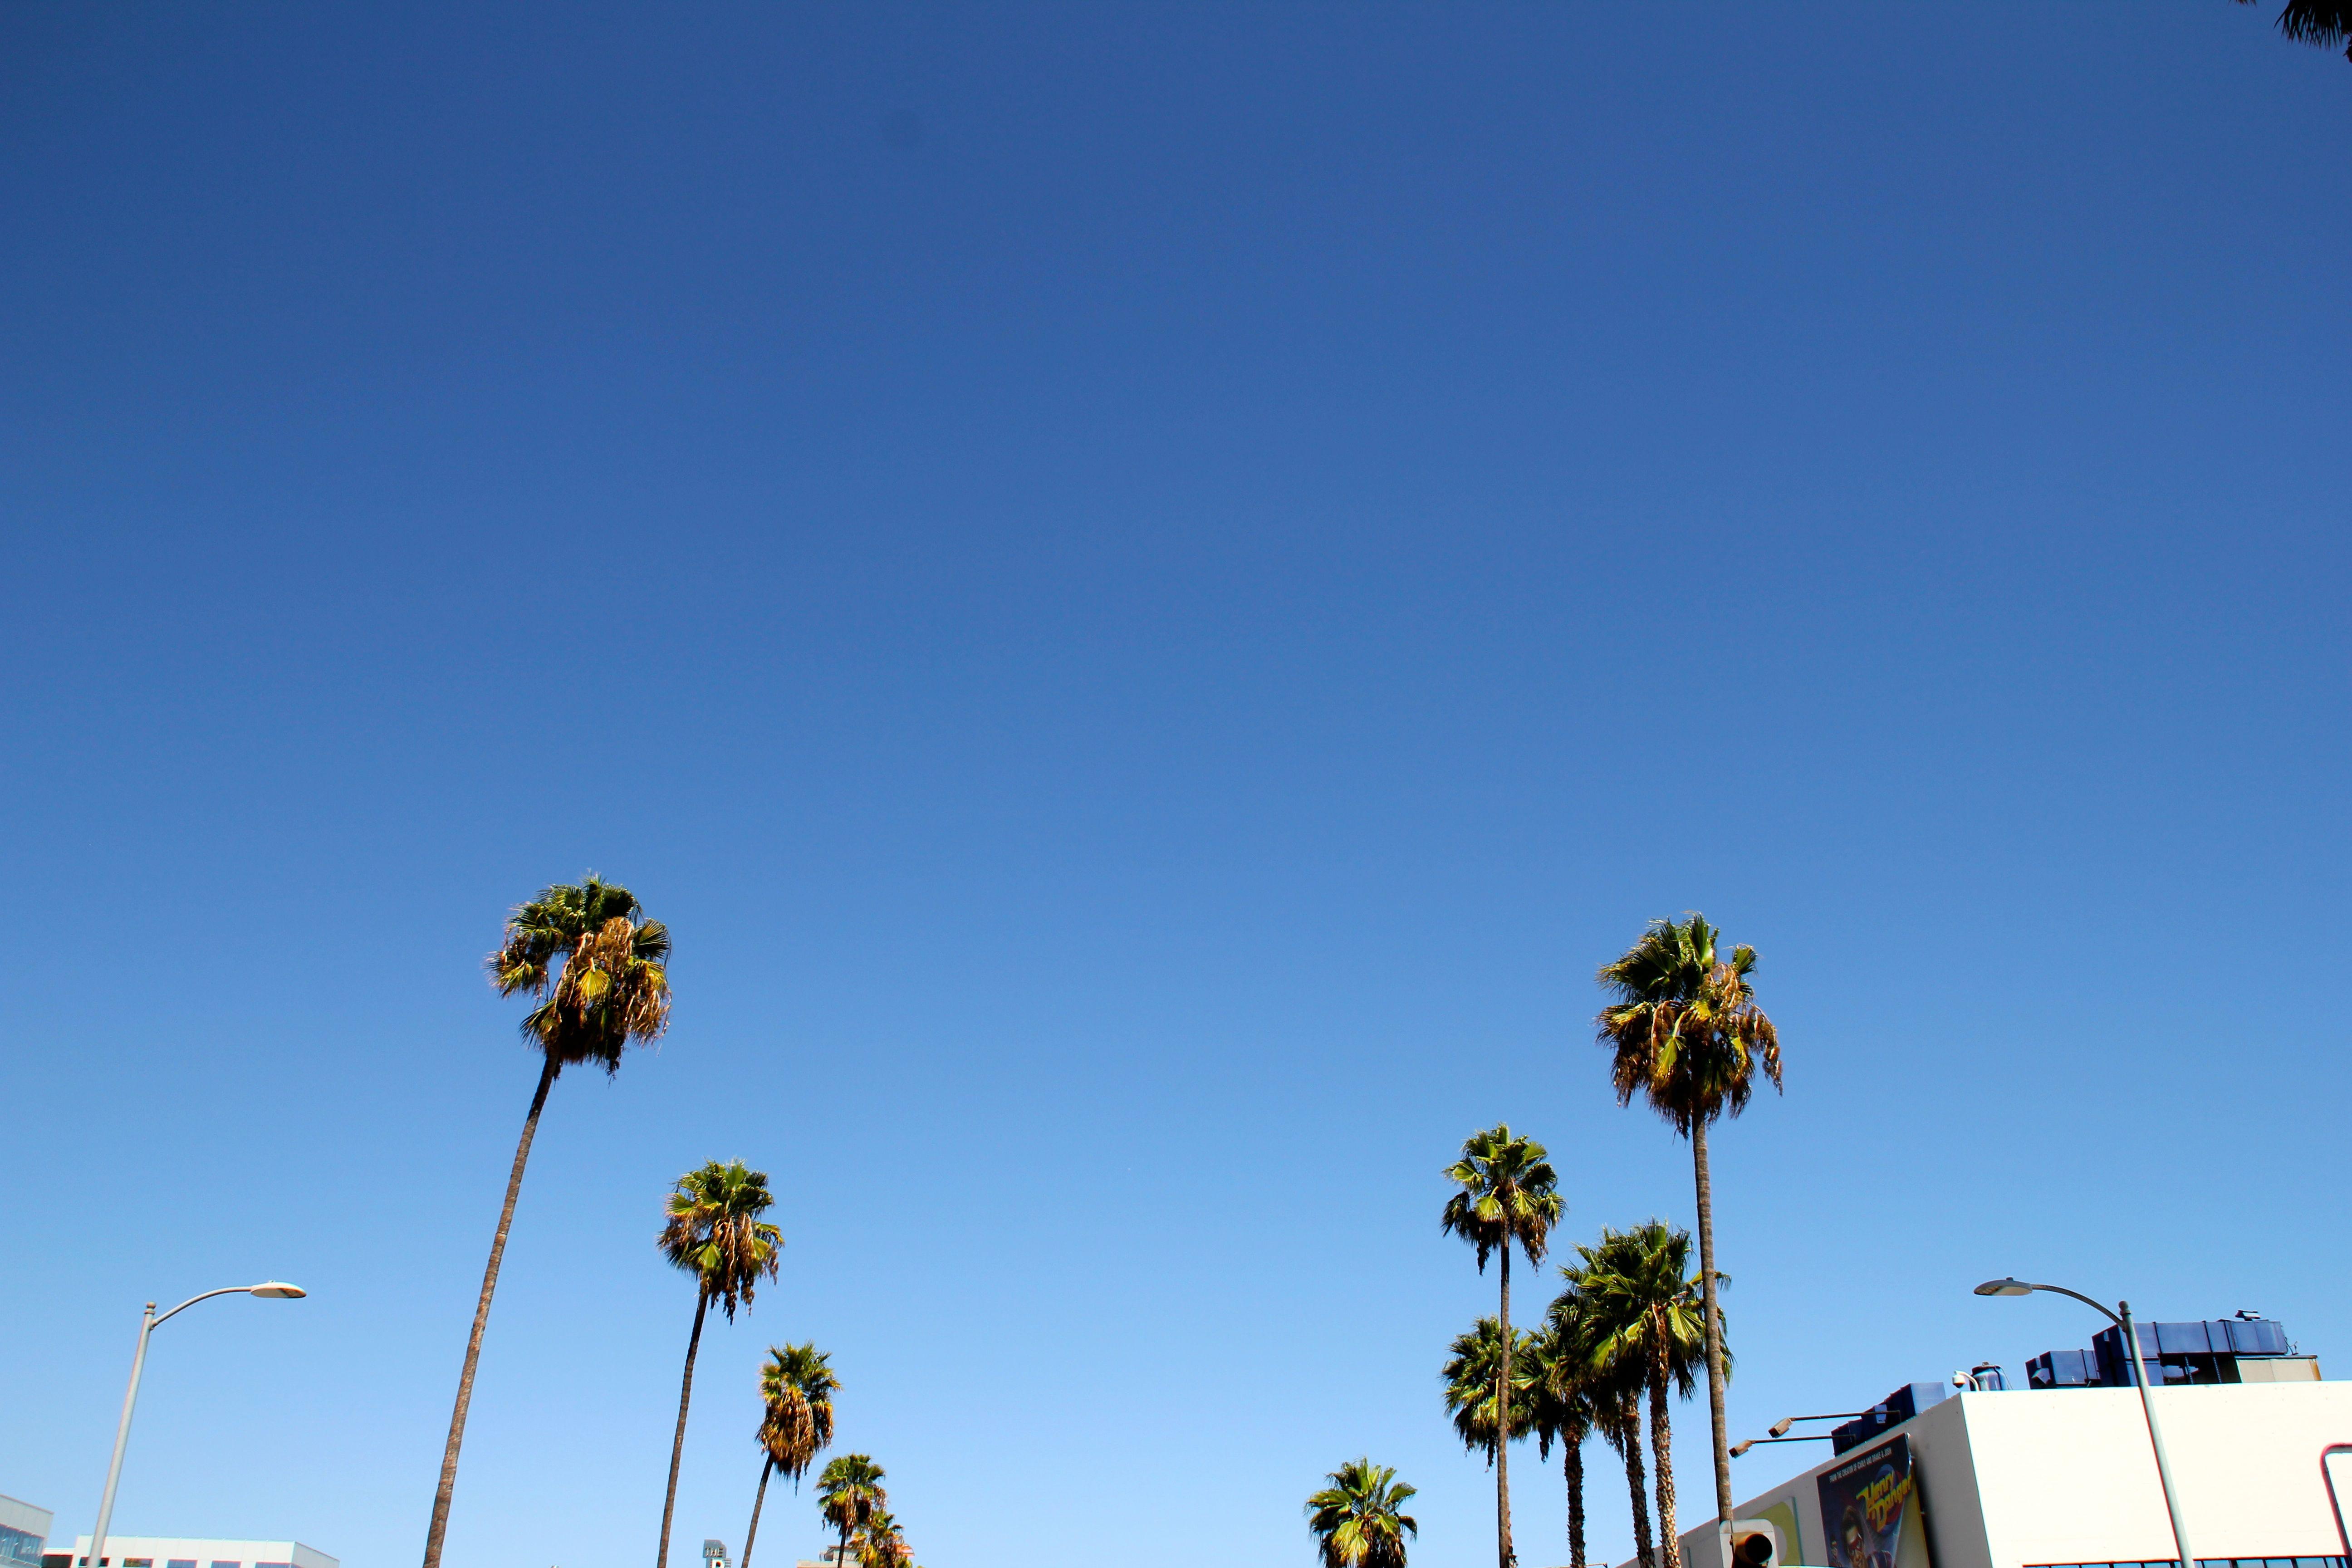 Los Angeles, perché tutti ti odiano? 7